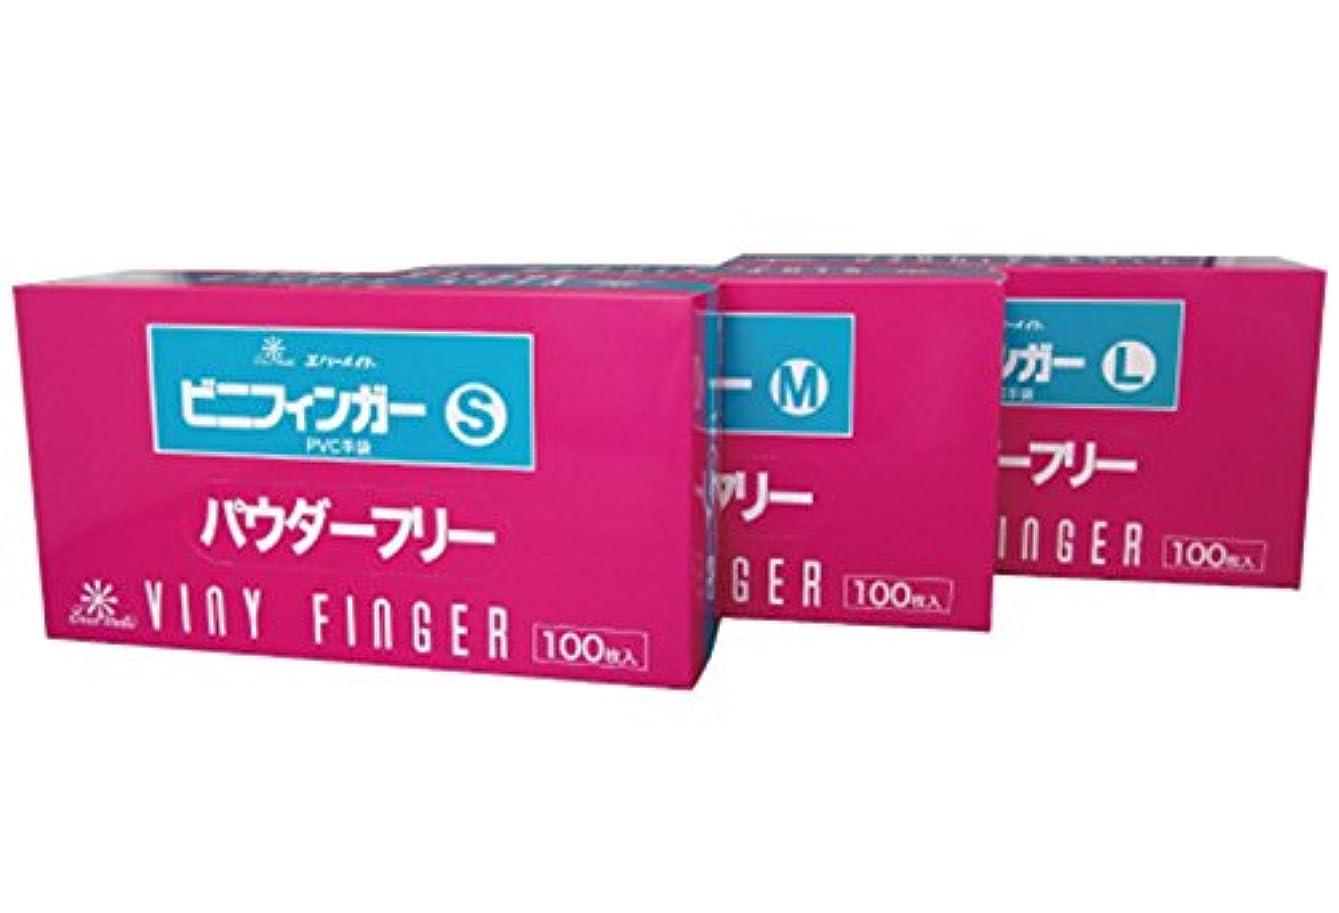 論争上昇申し立てエバーメイト ビニフィンガーグローブ パウダーフリー 100枚入 (S)